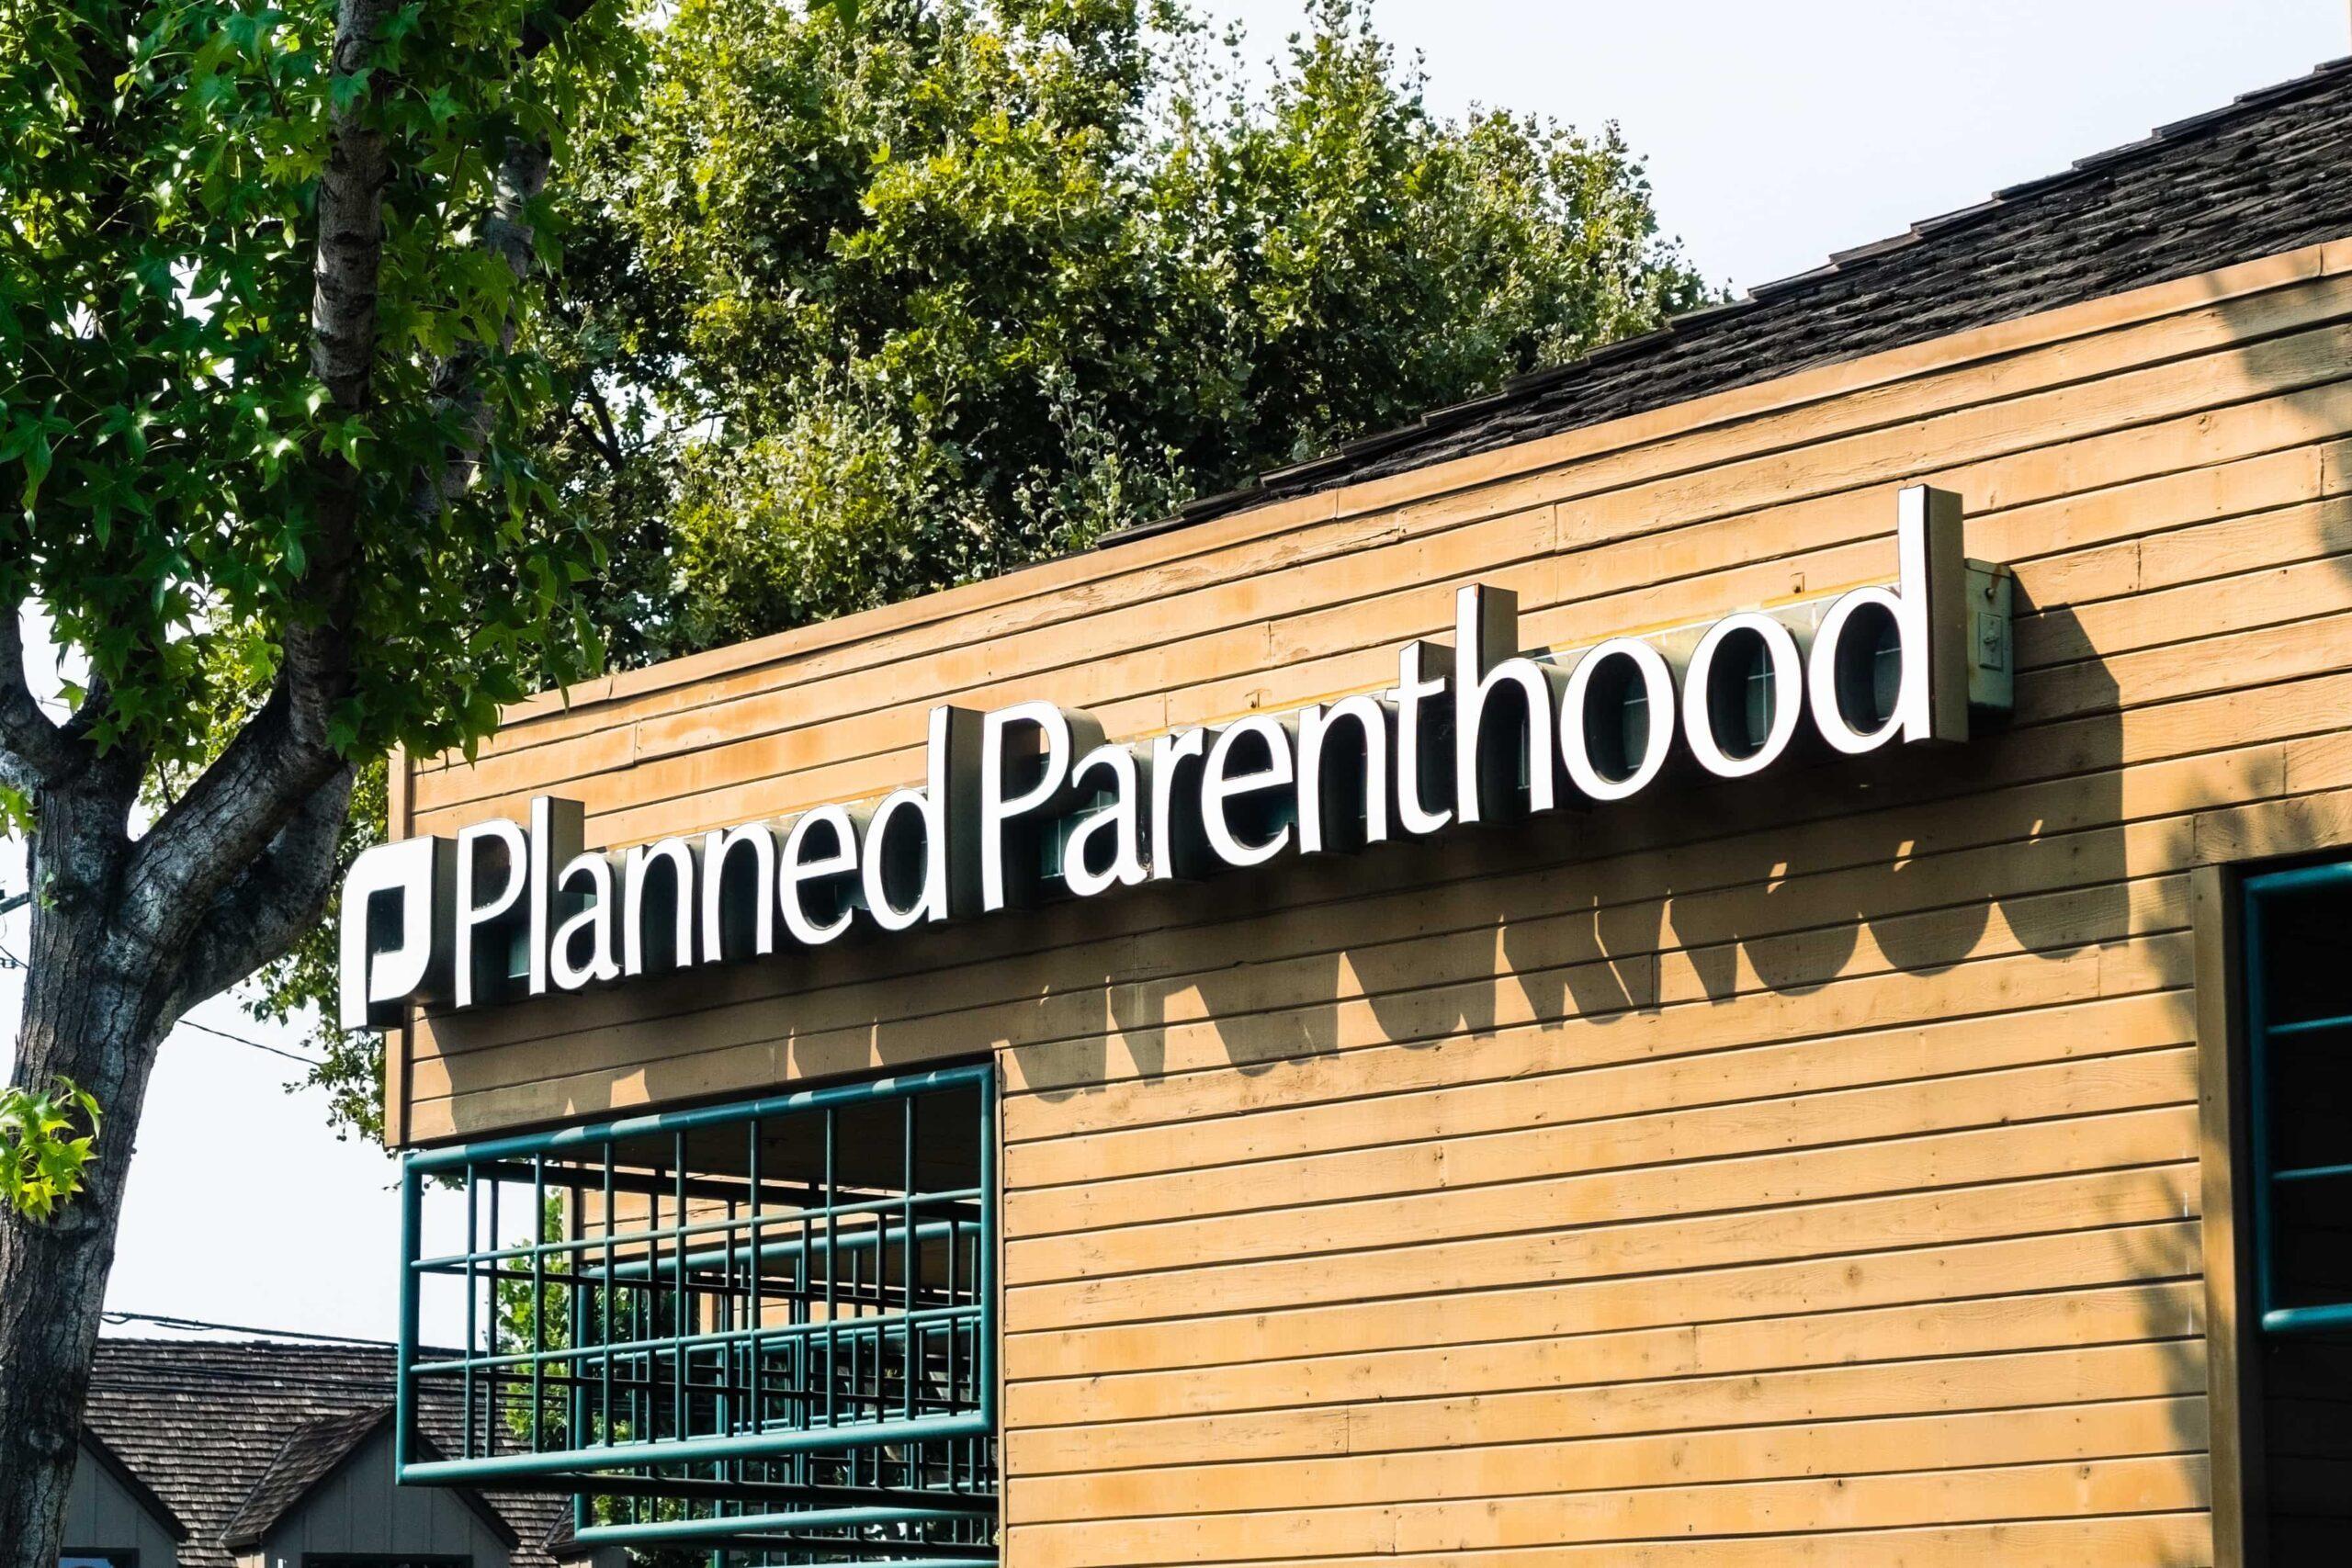 Waarom een pro-abortus columnist zegt dat de beweging in duigen valt